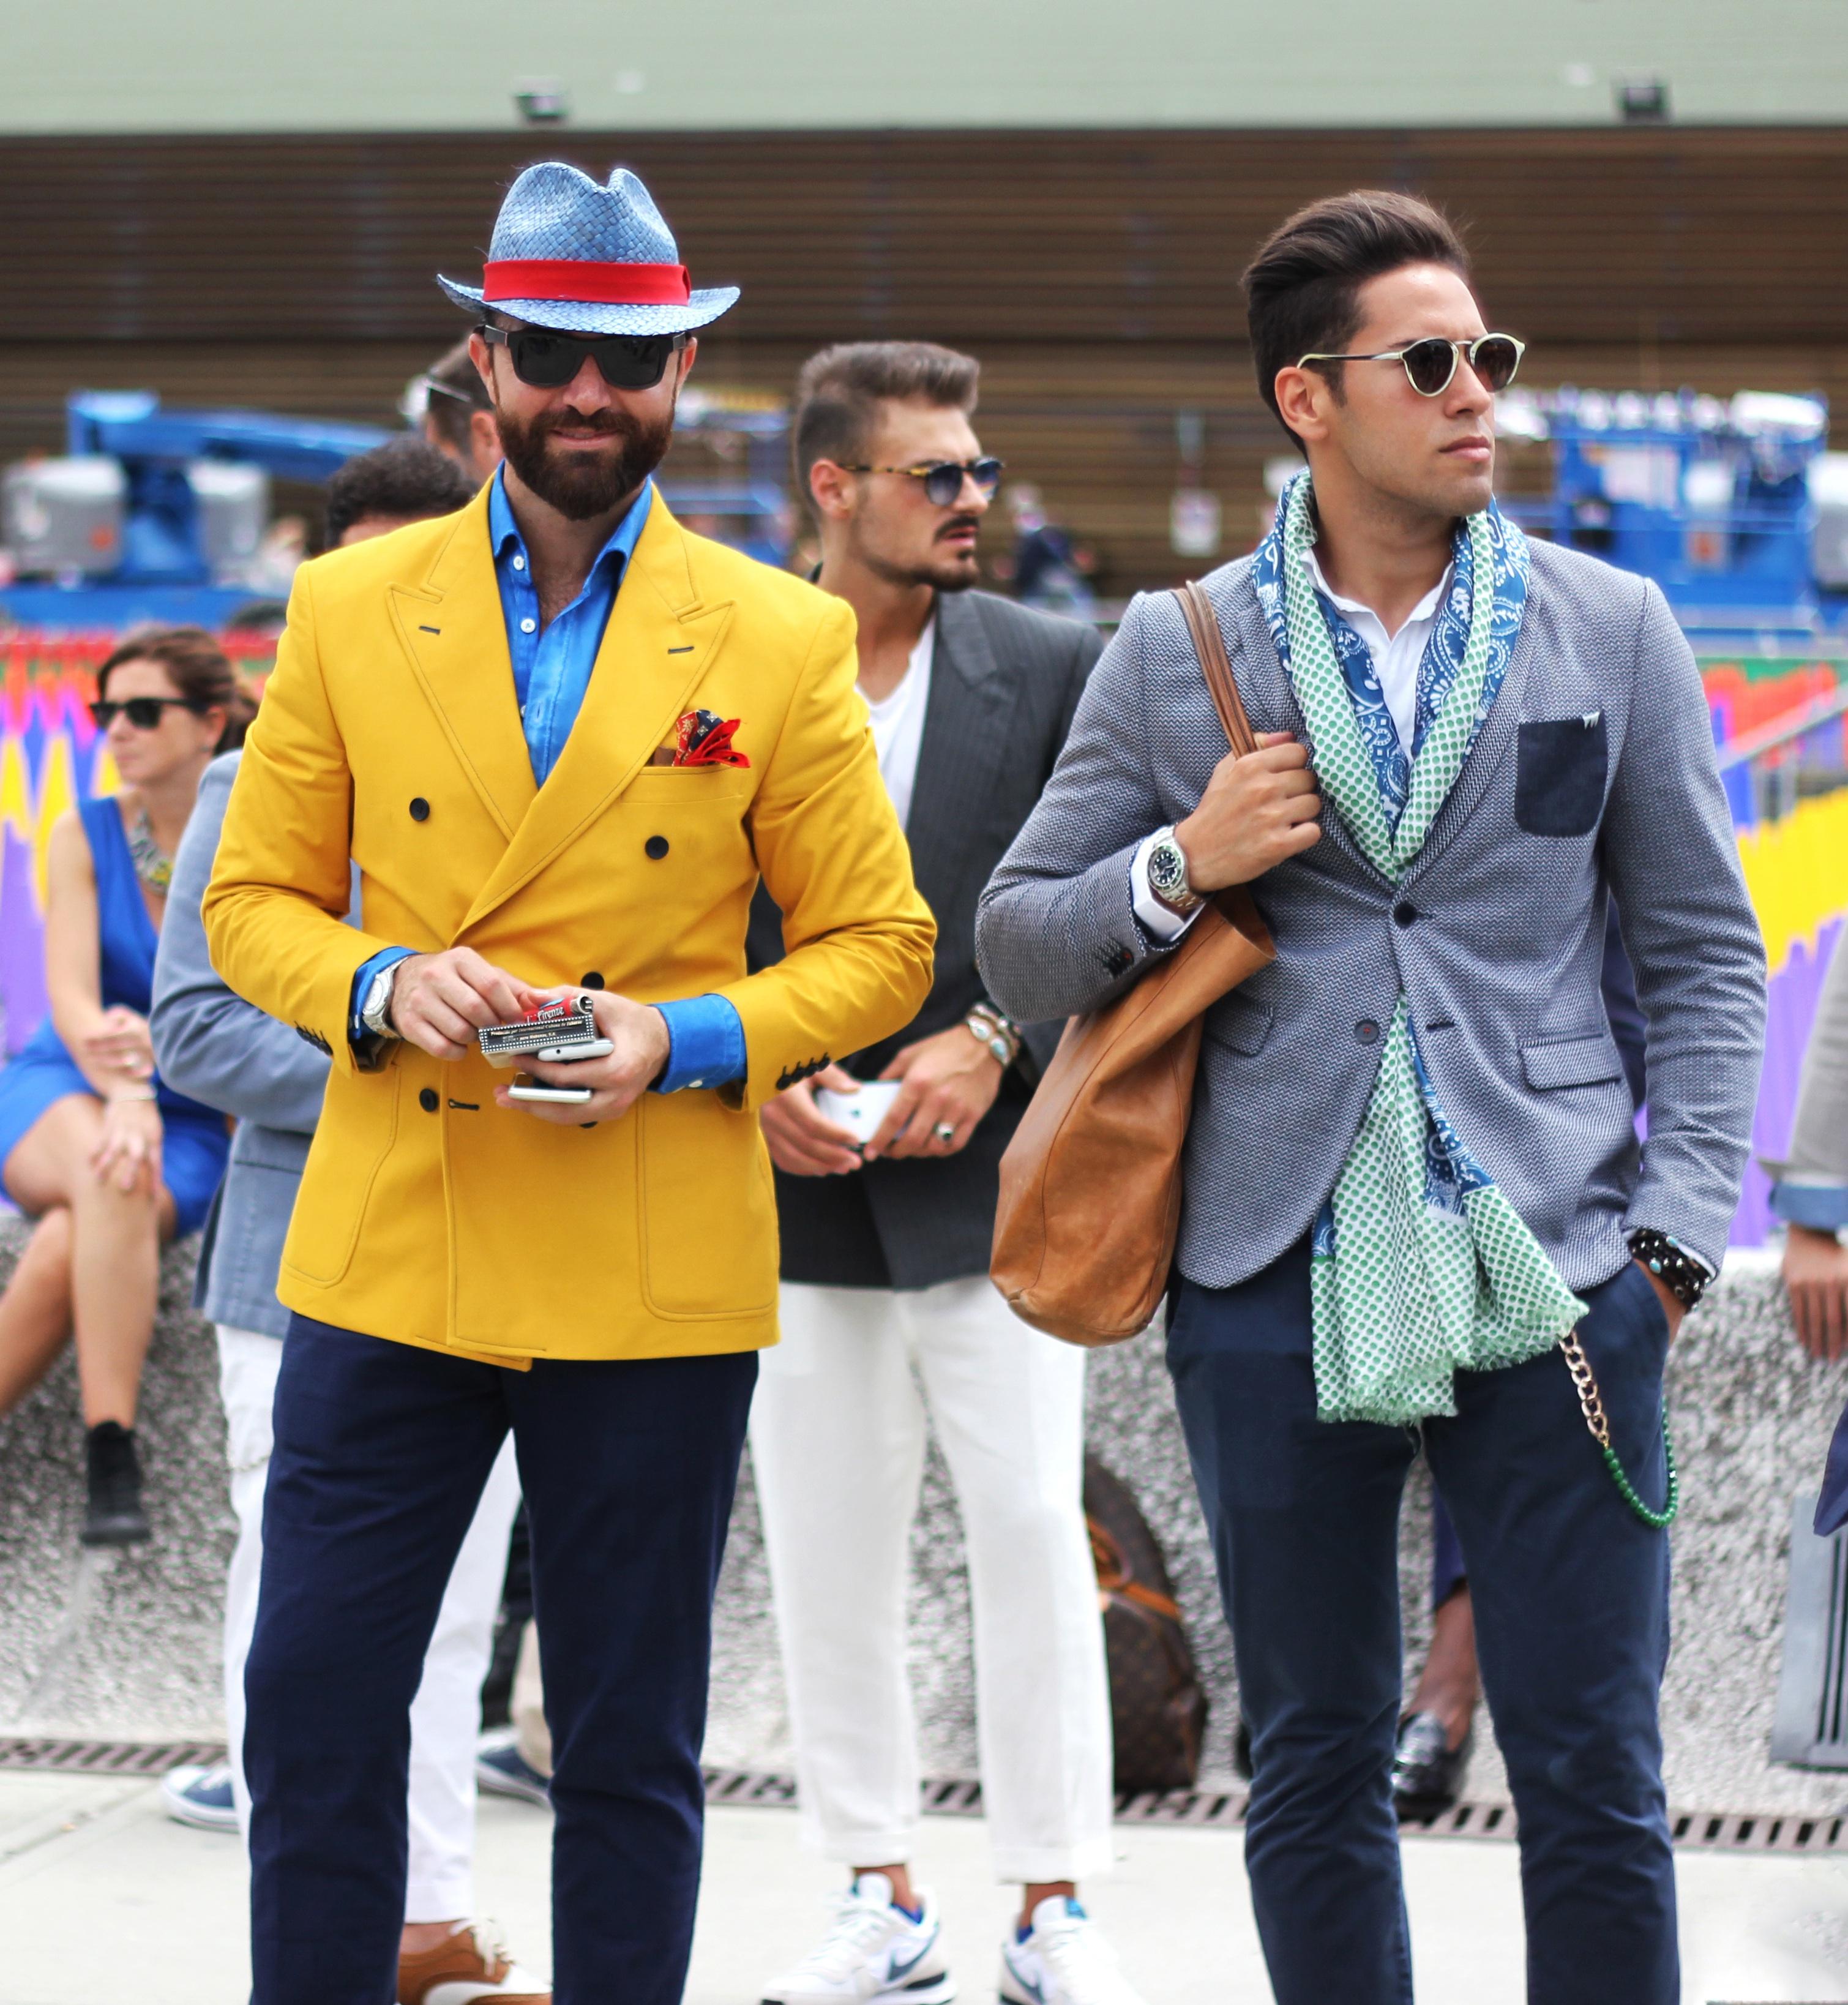 Ce qu'il ne faut pas faire en mode quand on est un homme